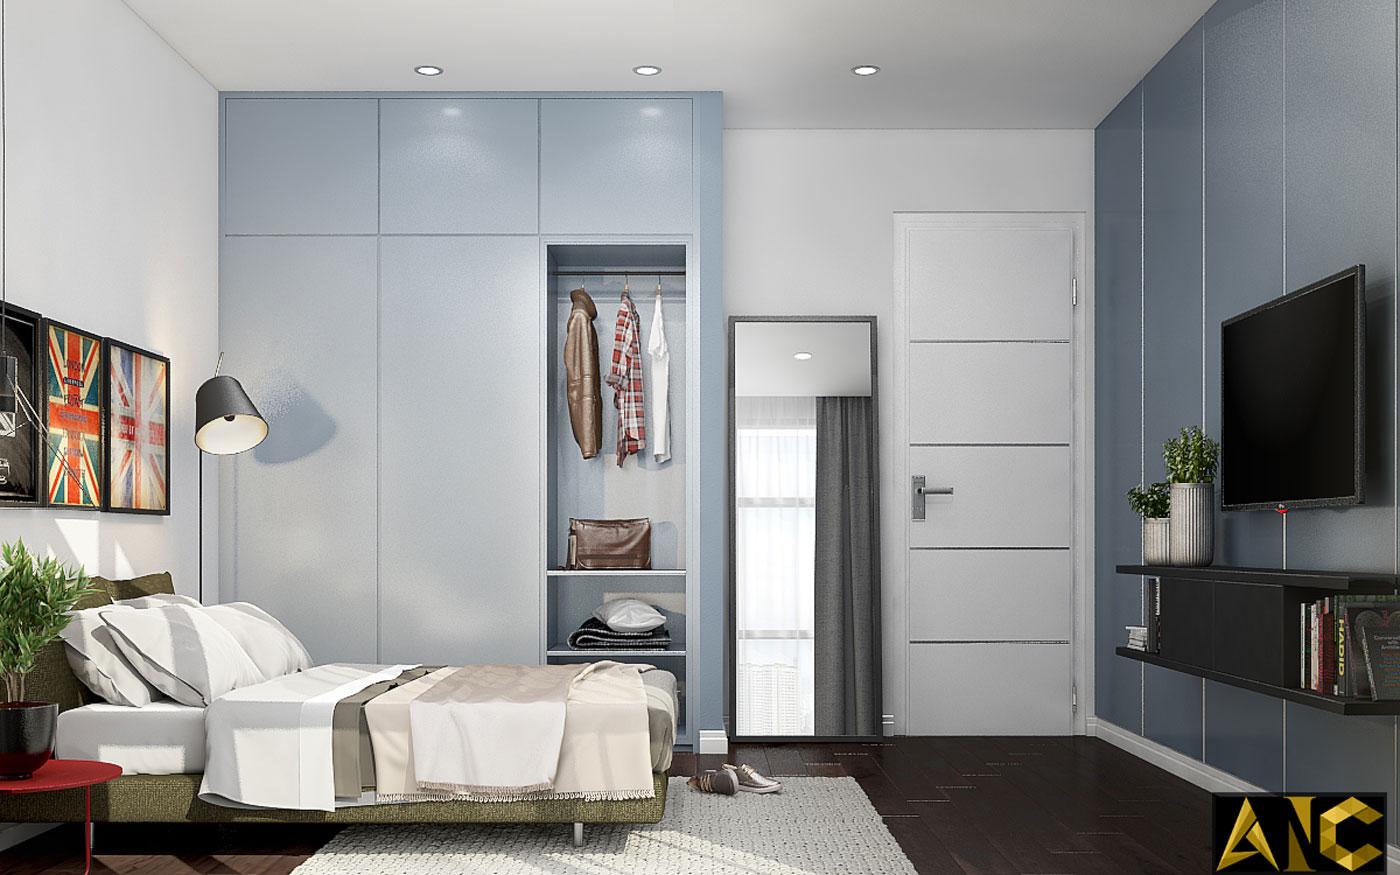 Thiết kế thi công nội thất: Penhouse City Plaza phòng ngủ nhỏ view 1